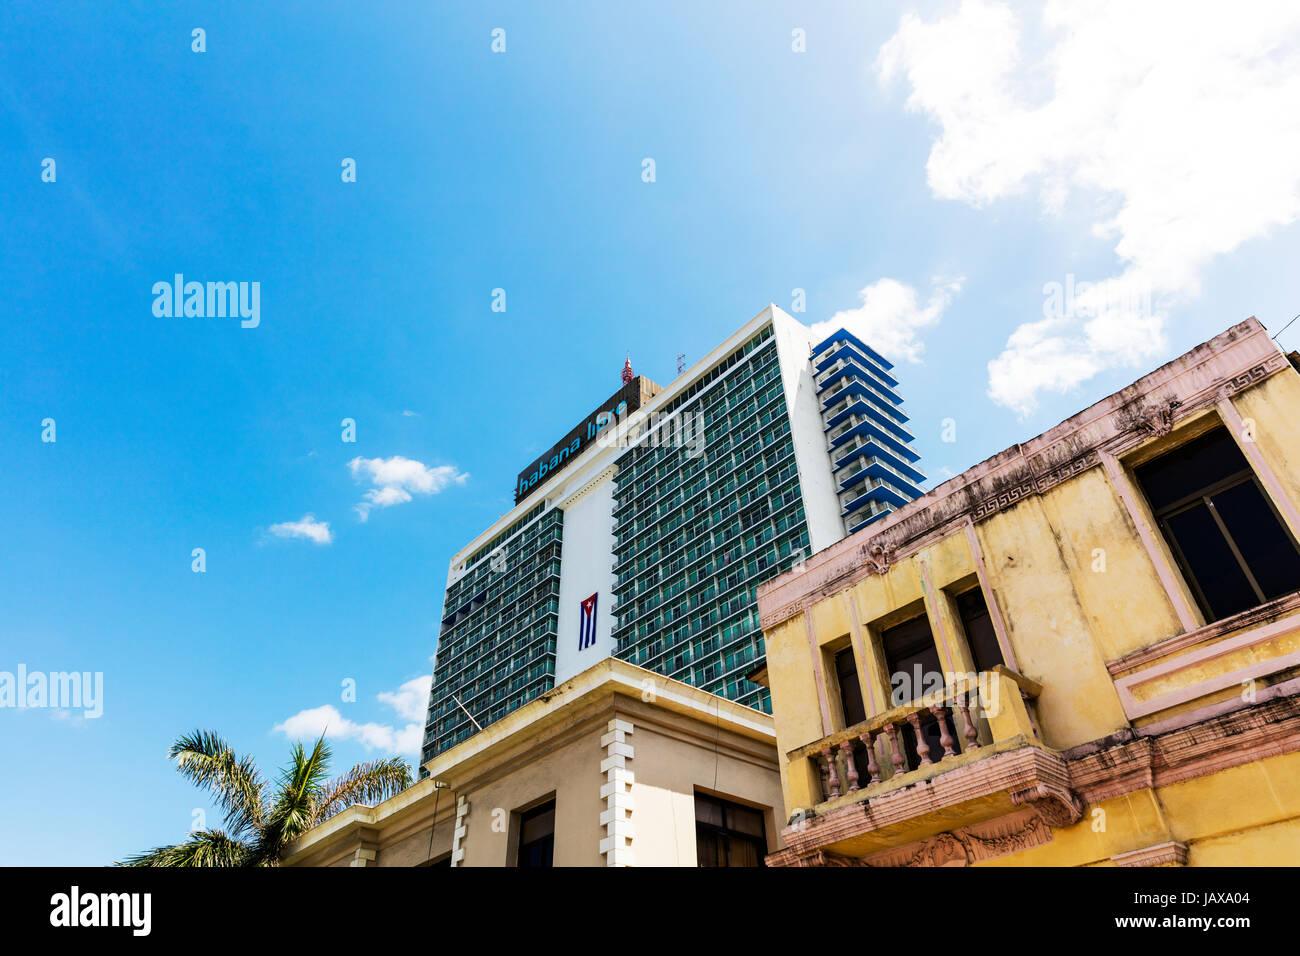 L'hôtel Habana Libre La Havane, Cuba, Centro Habana, La Havane, Centro La Rampa , hôtel Habana Libre, Photo Stock